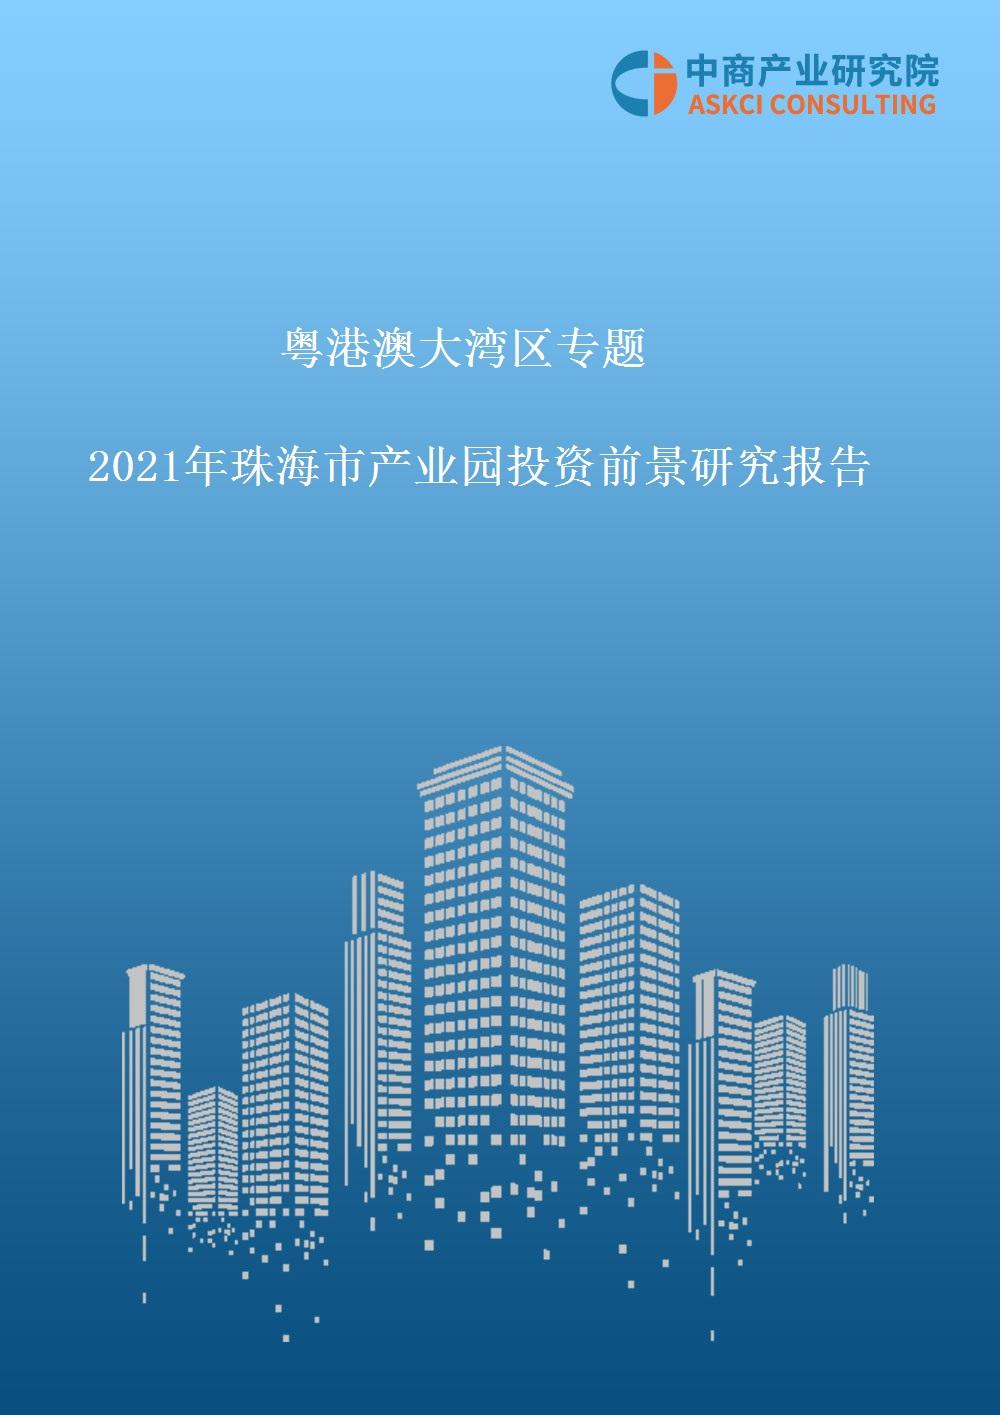 粤港澳大湾区专题——2021年珠海市产业园投资前景研究报告